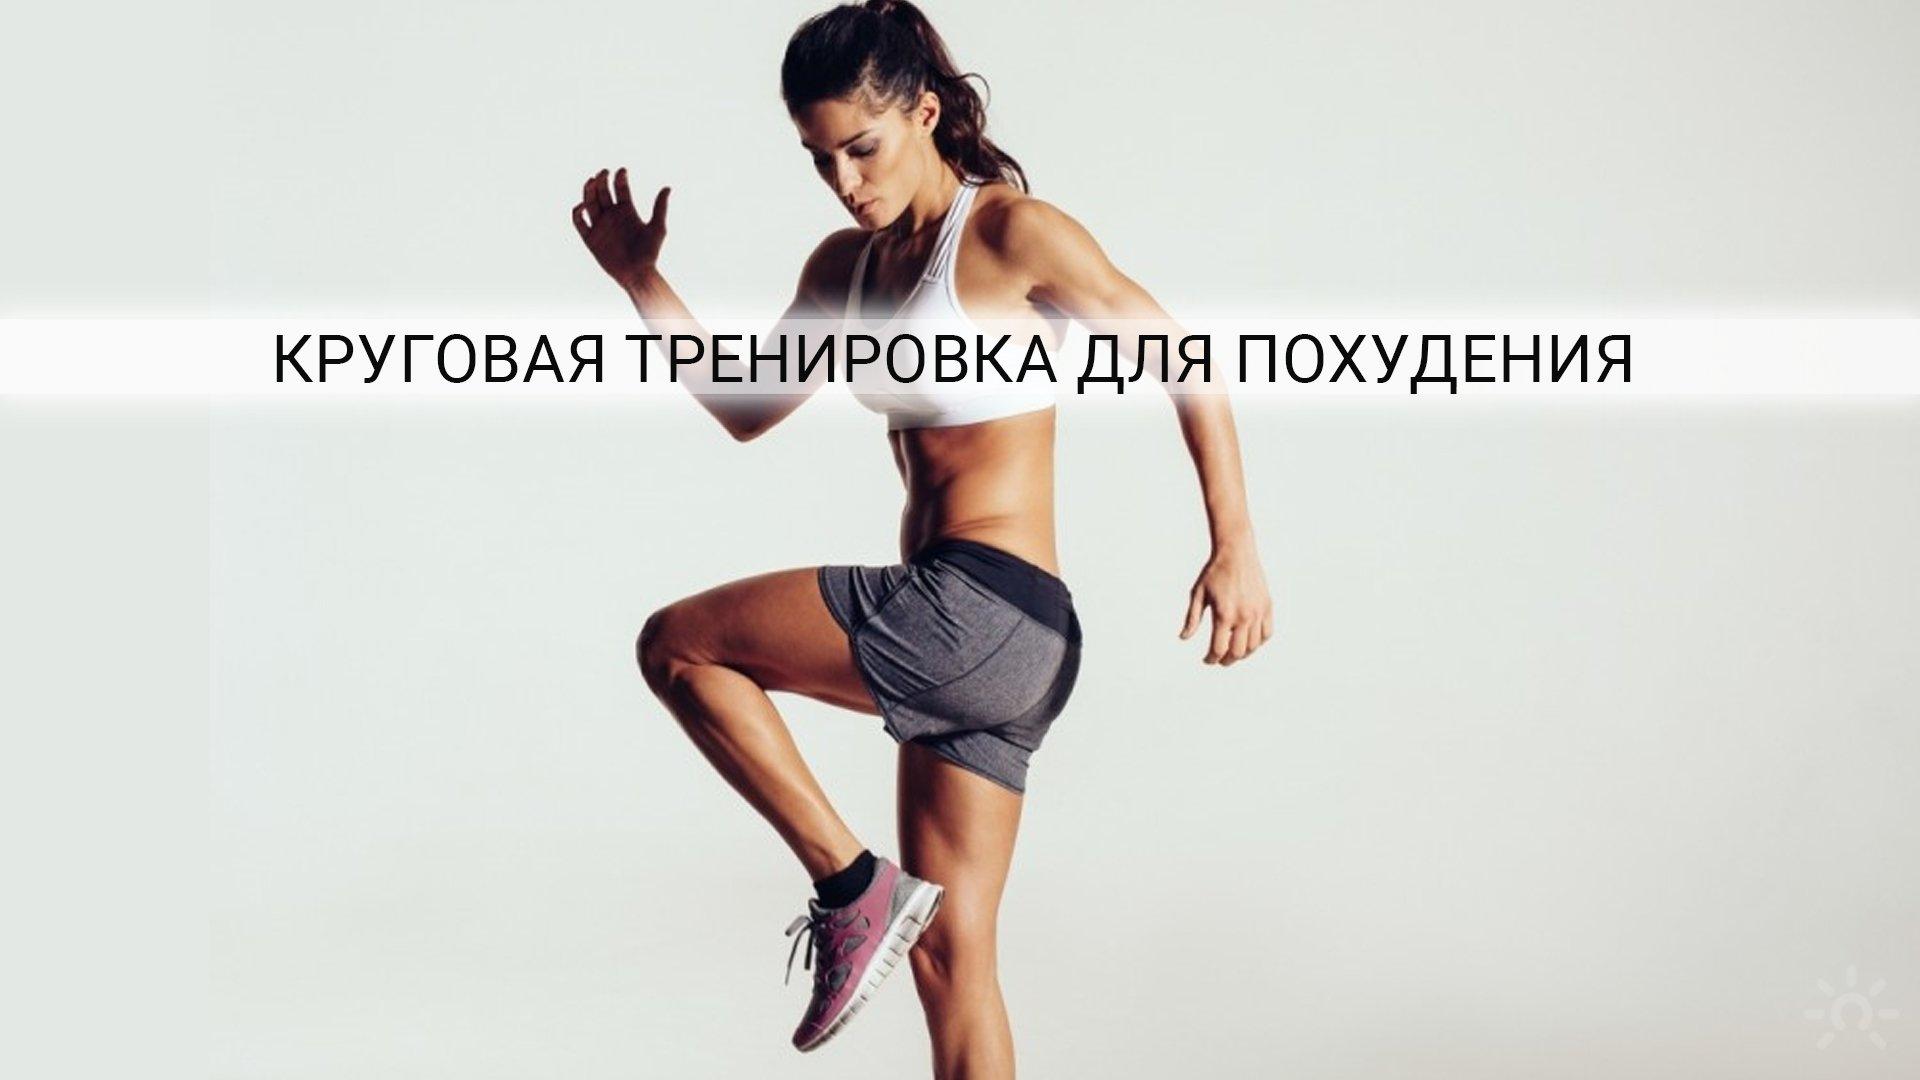 Круговая тренировка, фото